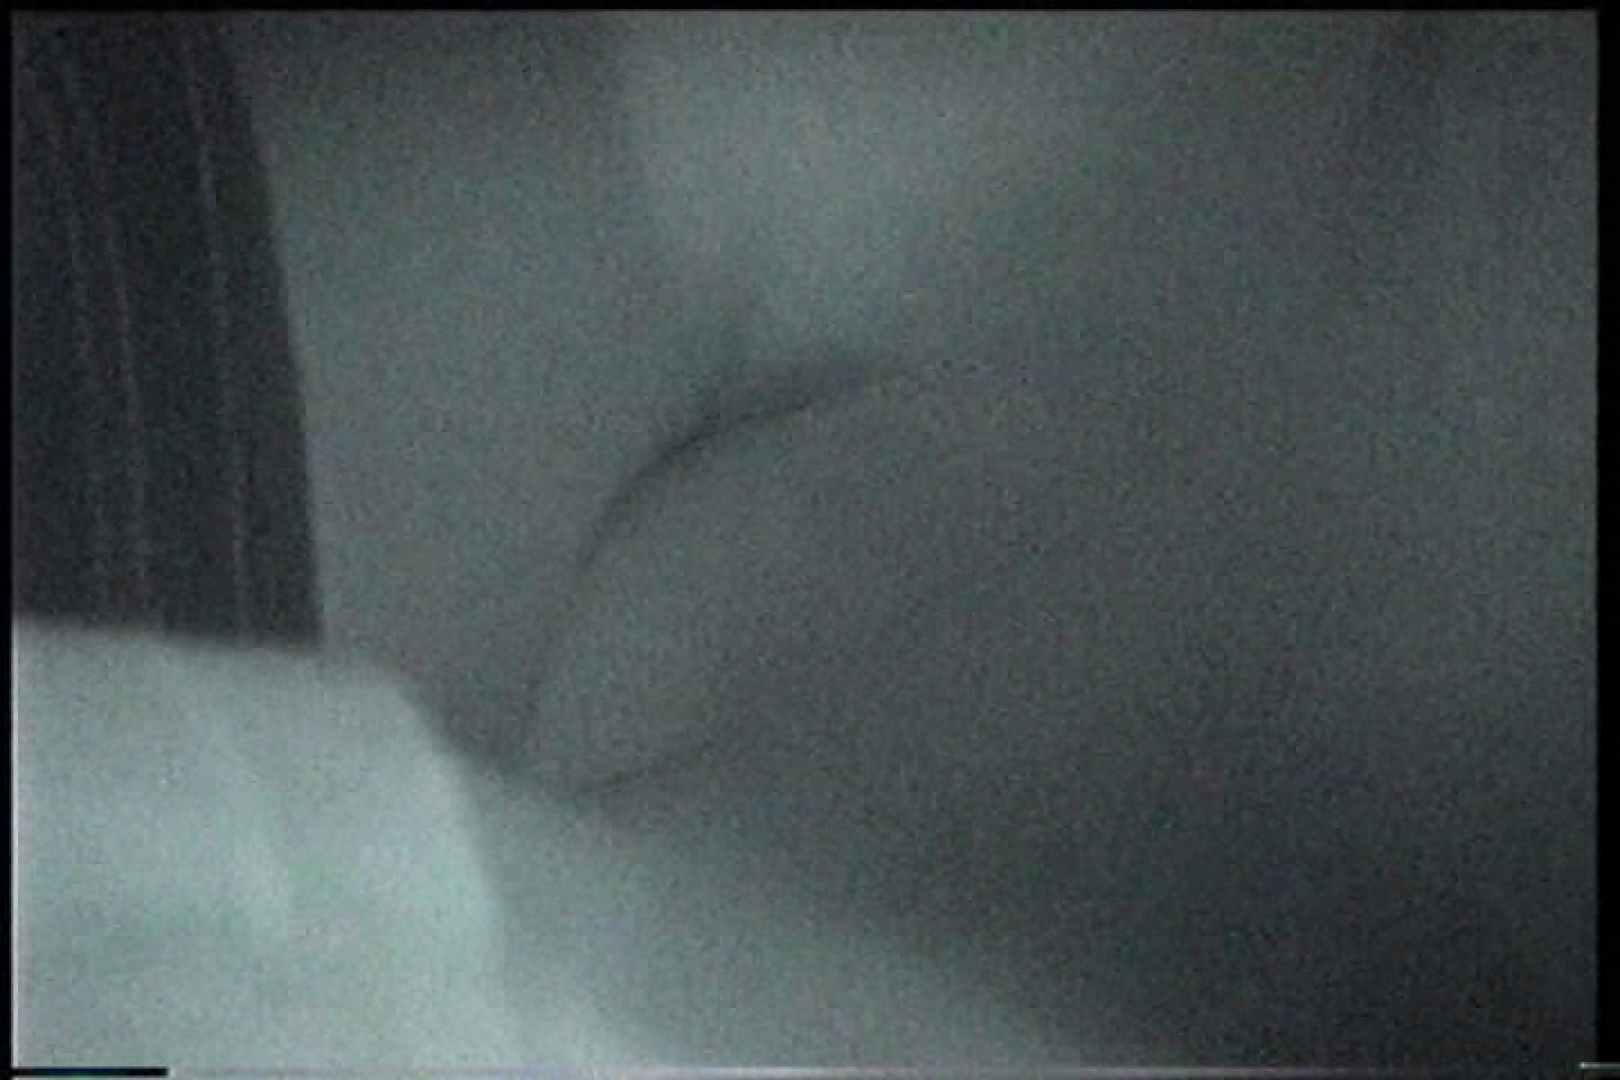 充血監督の深夜の運動会Vol.187 エロティックなOL   エッチなセックス  96画像 41